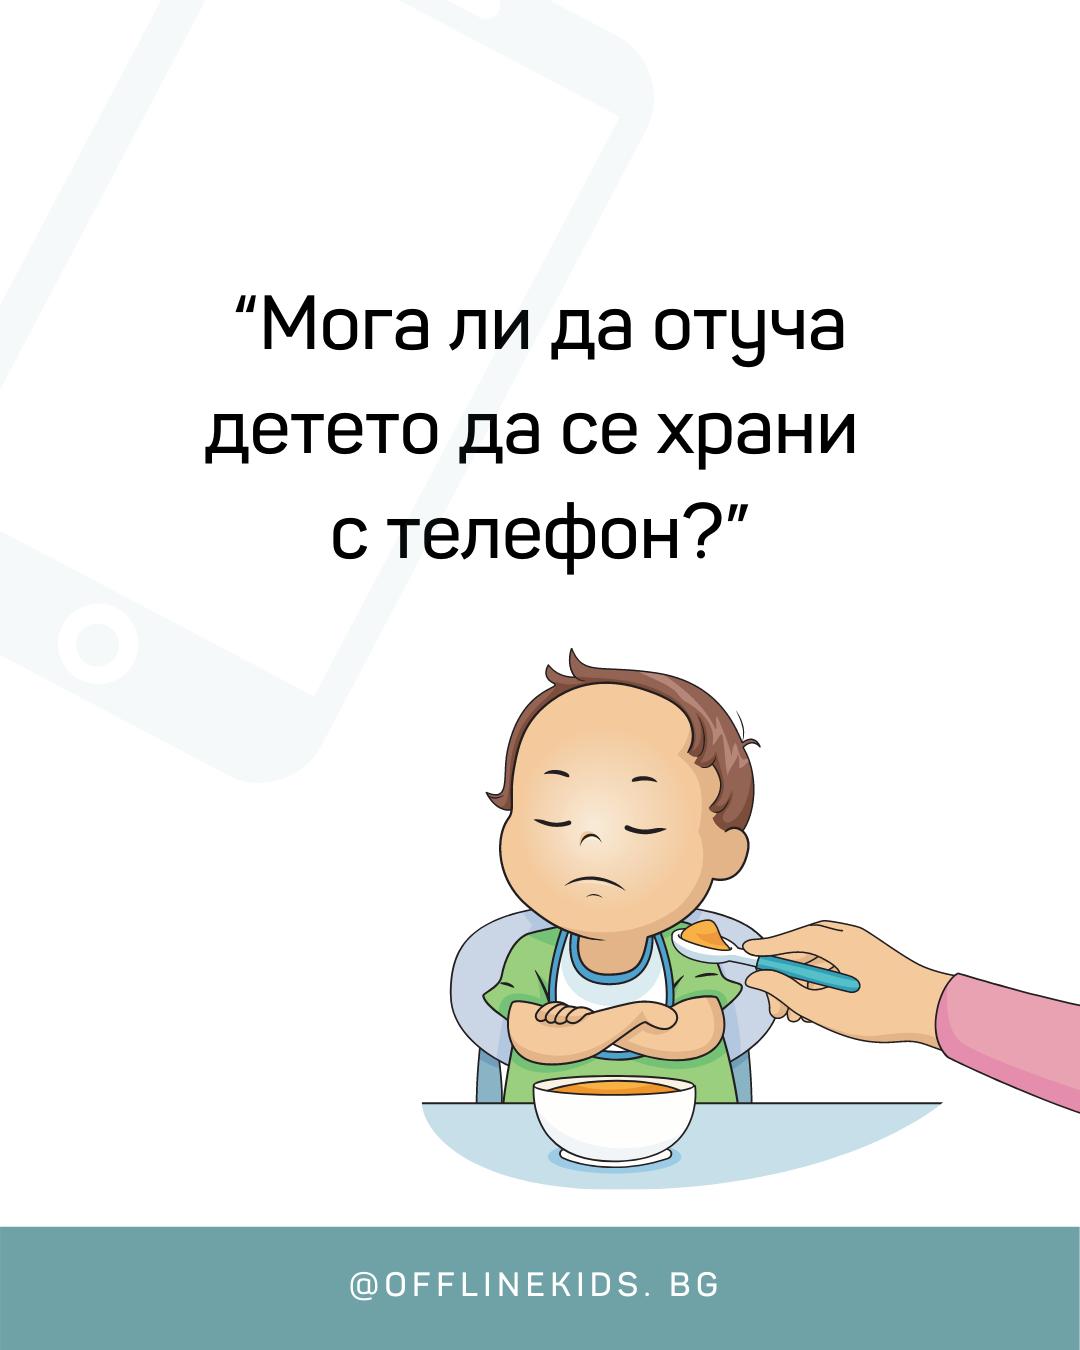 Мога ли да отуча детето да се храни с телефон?